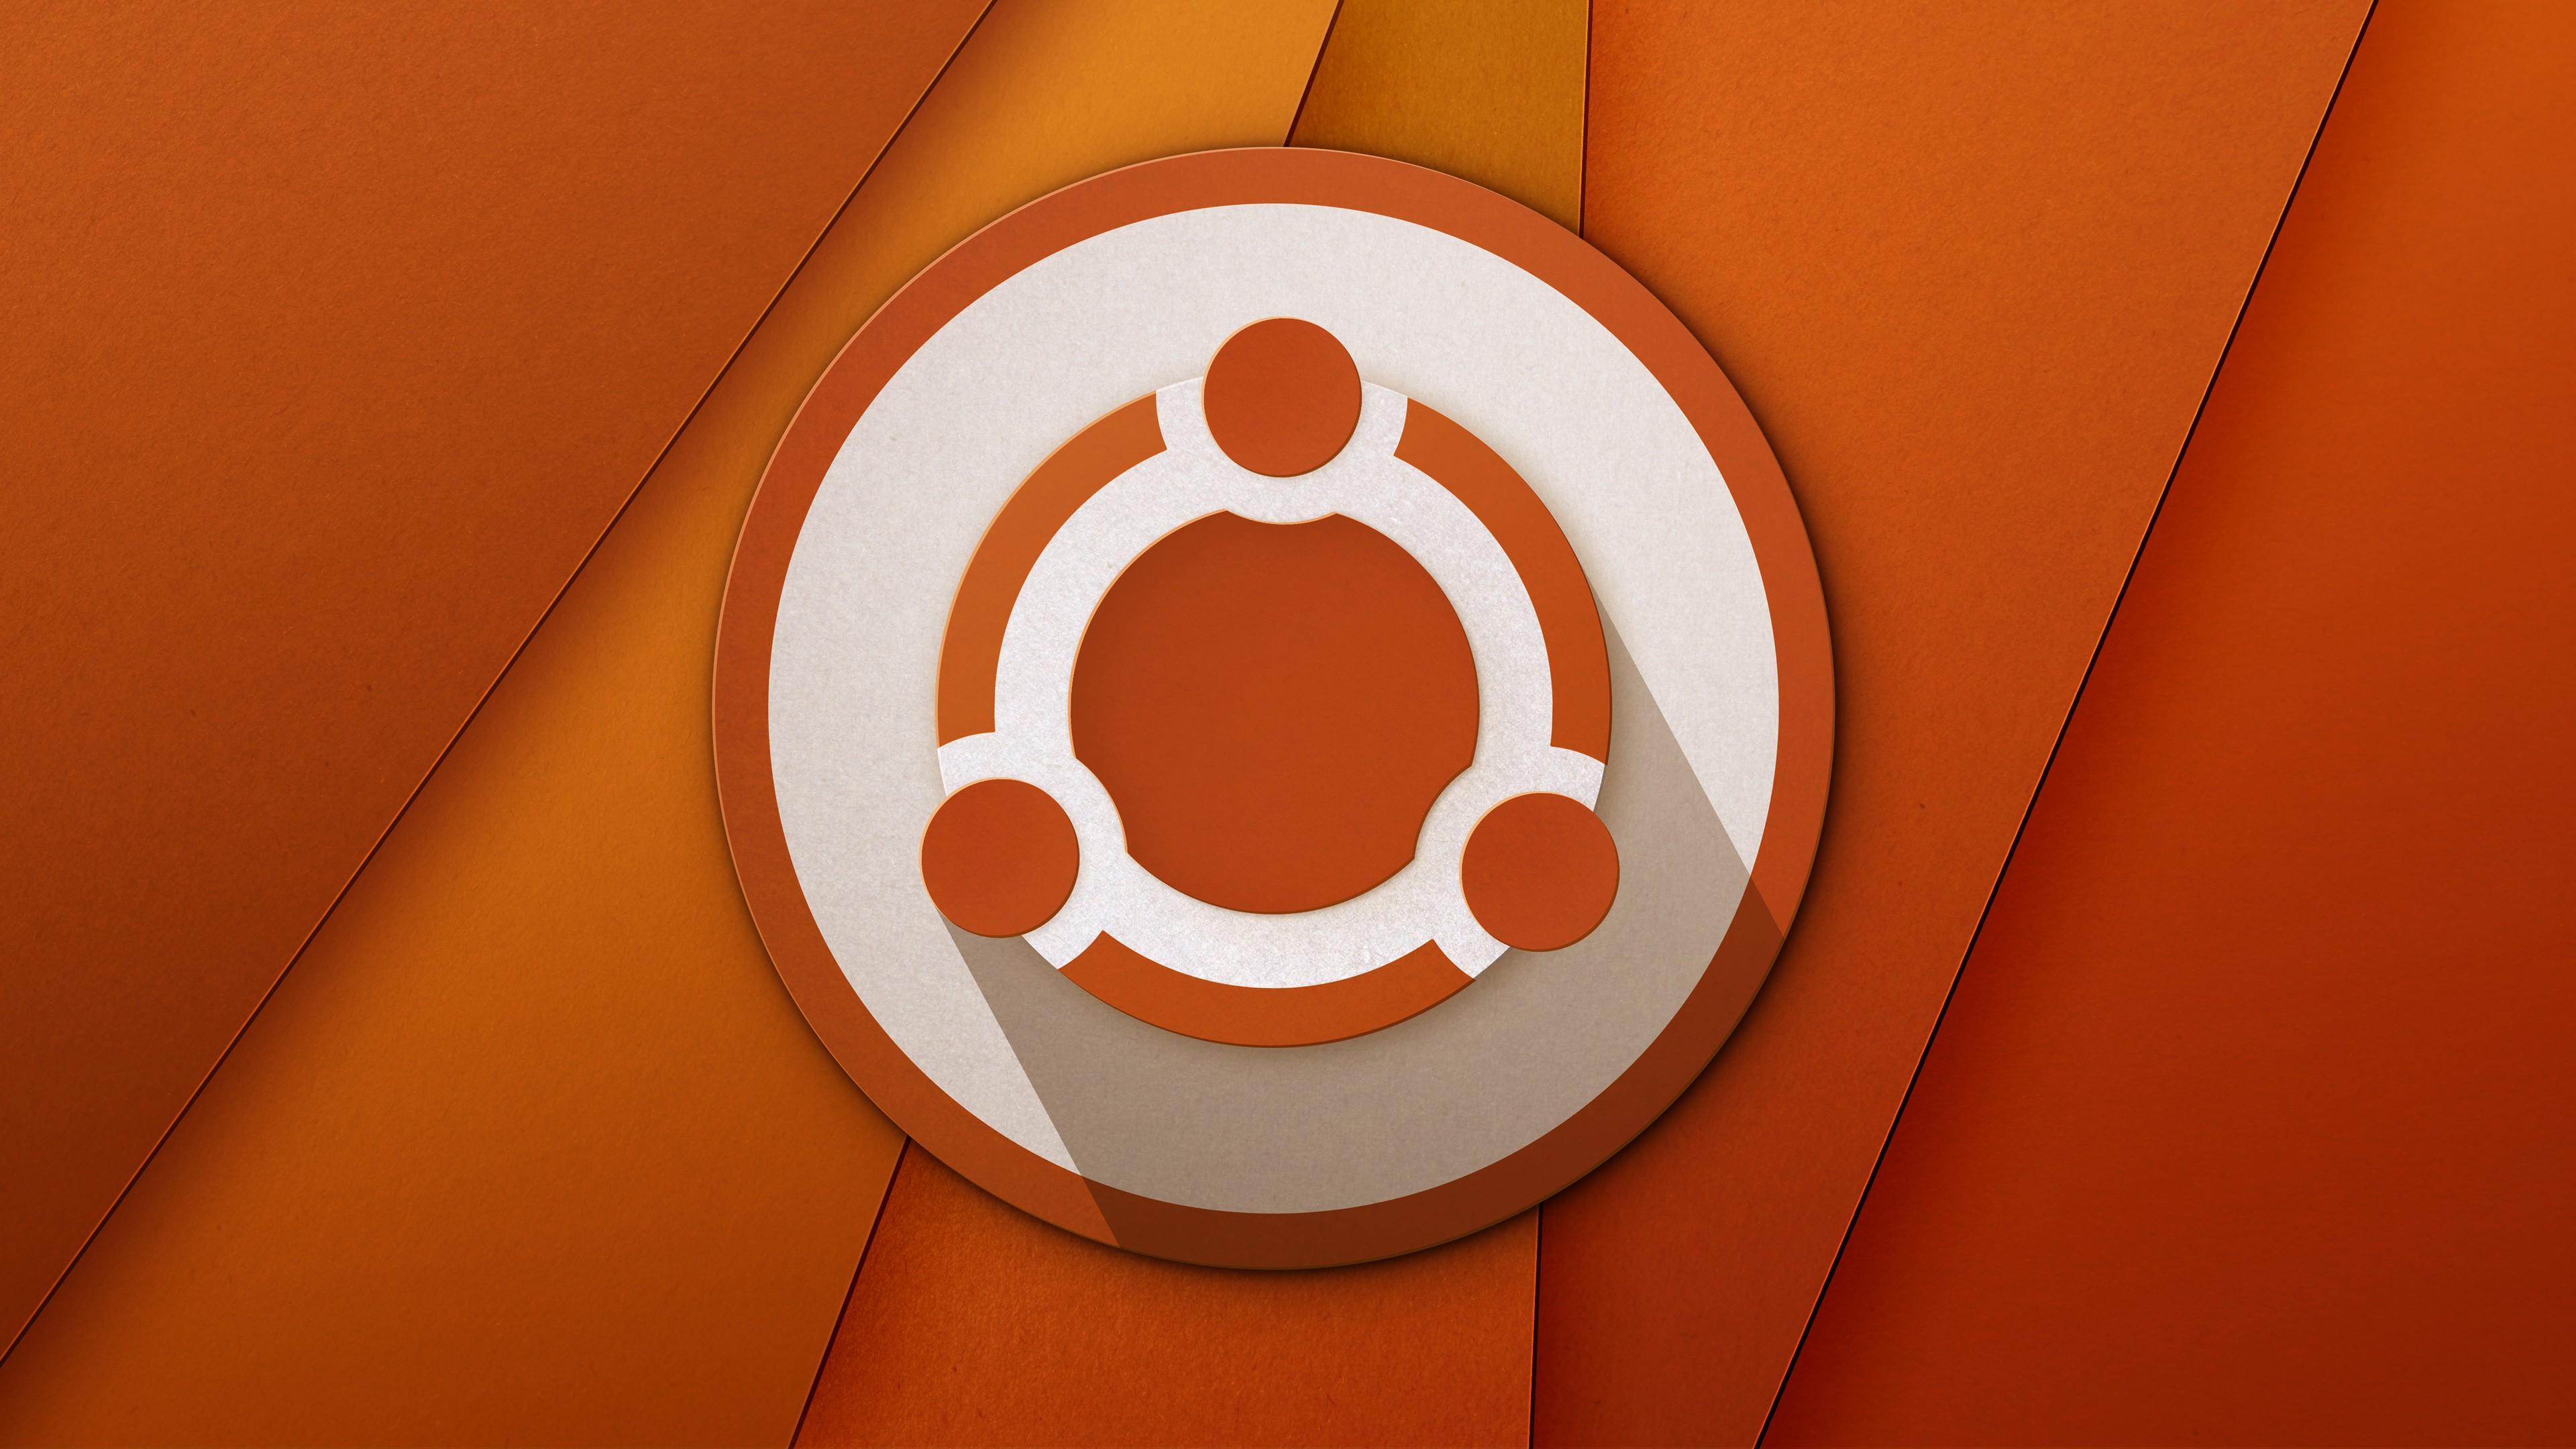 1024x768 ubuntu material design 1024x768 resolution hd 4k for Material design wallpaper 4k